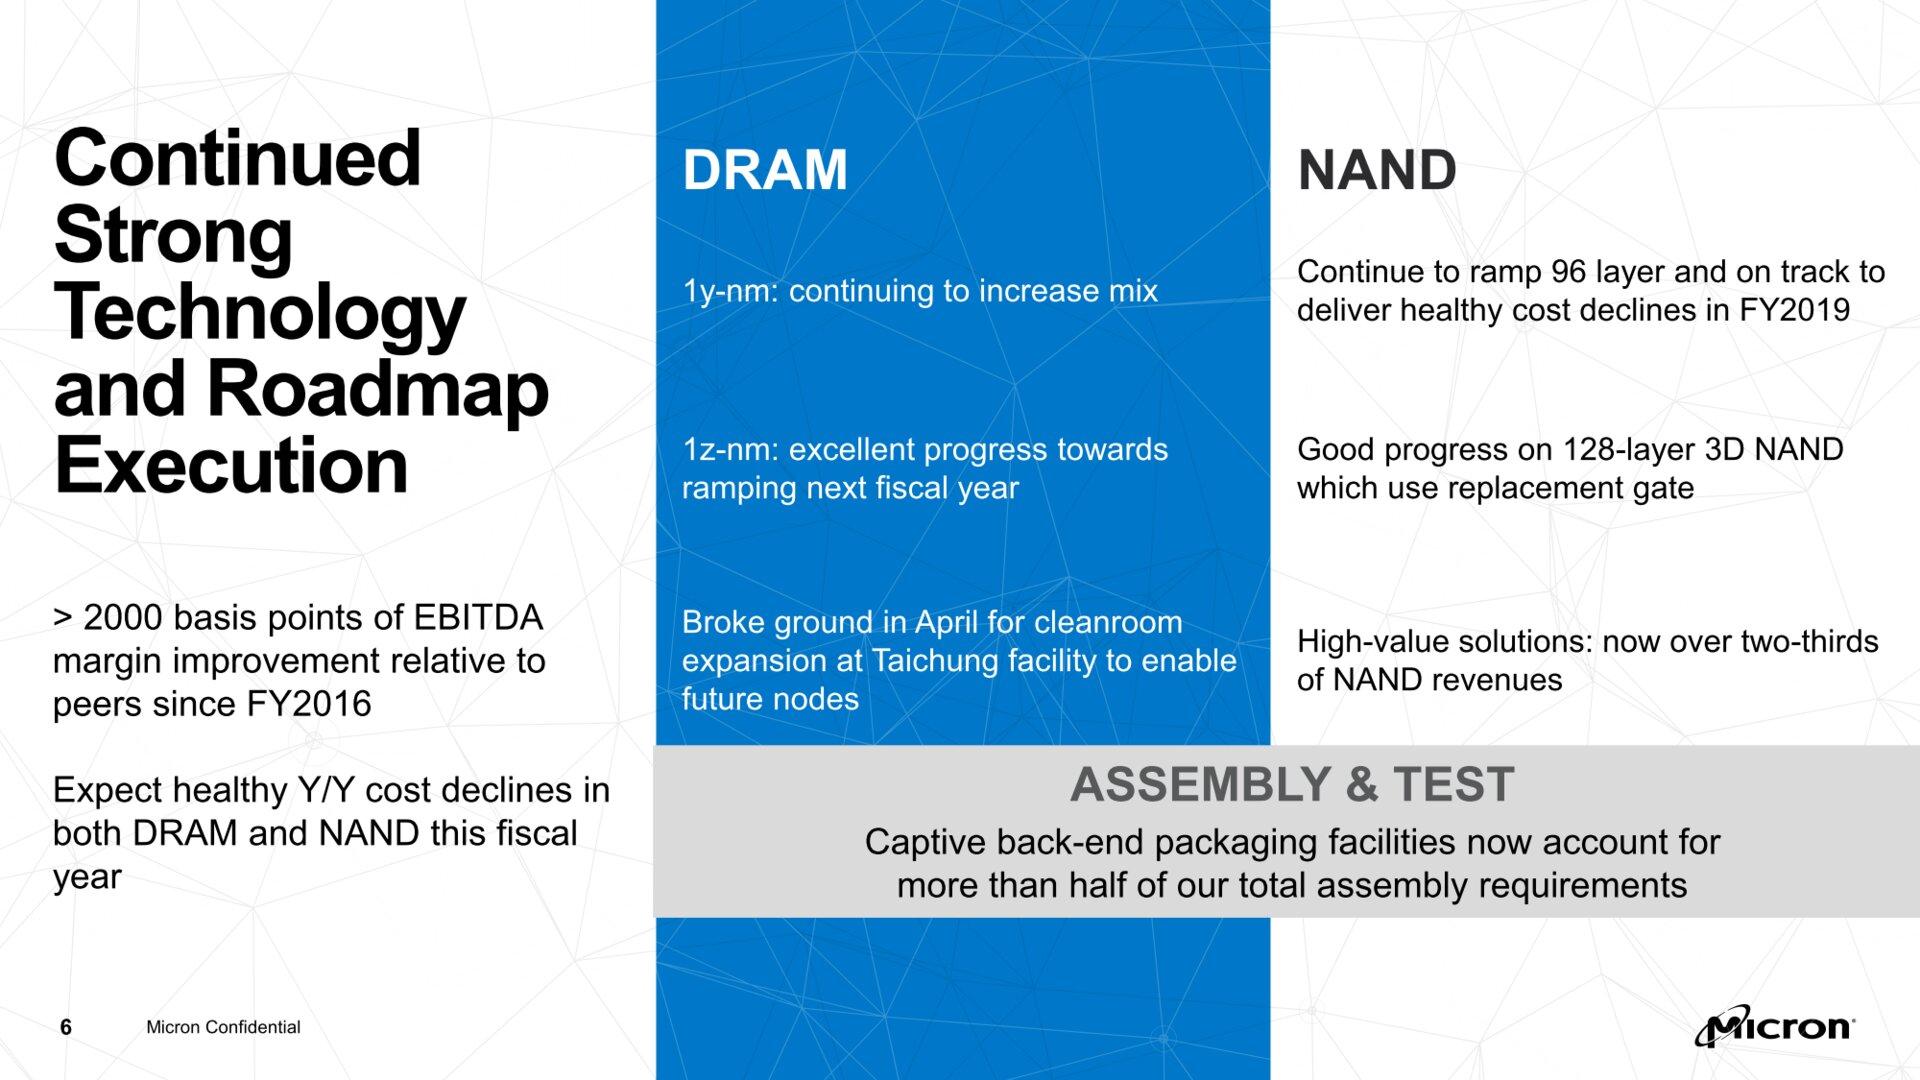 Fahrplan/Roadmap für DRAM und NAND